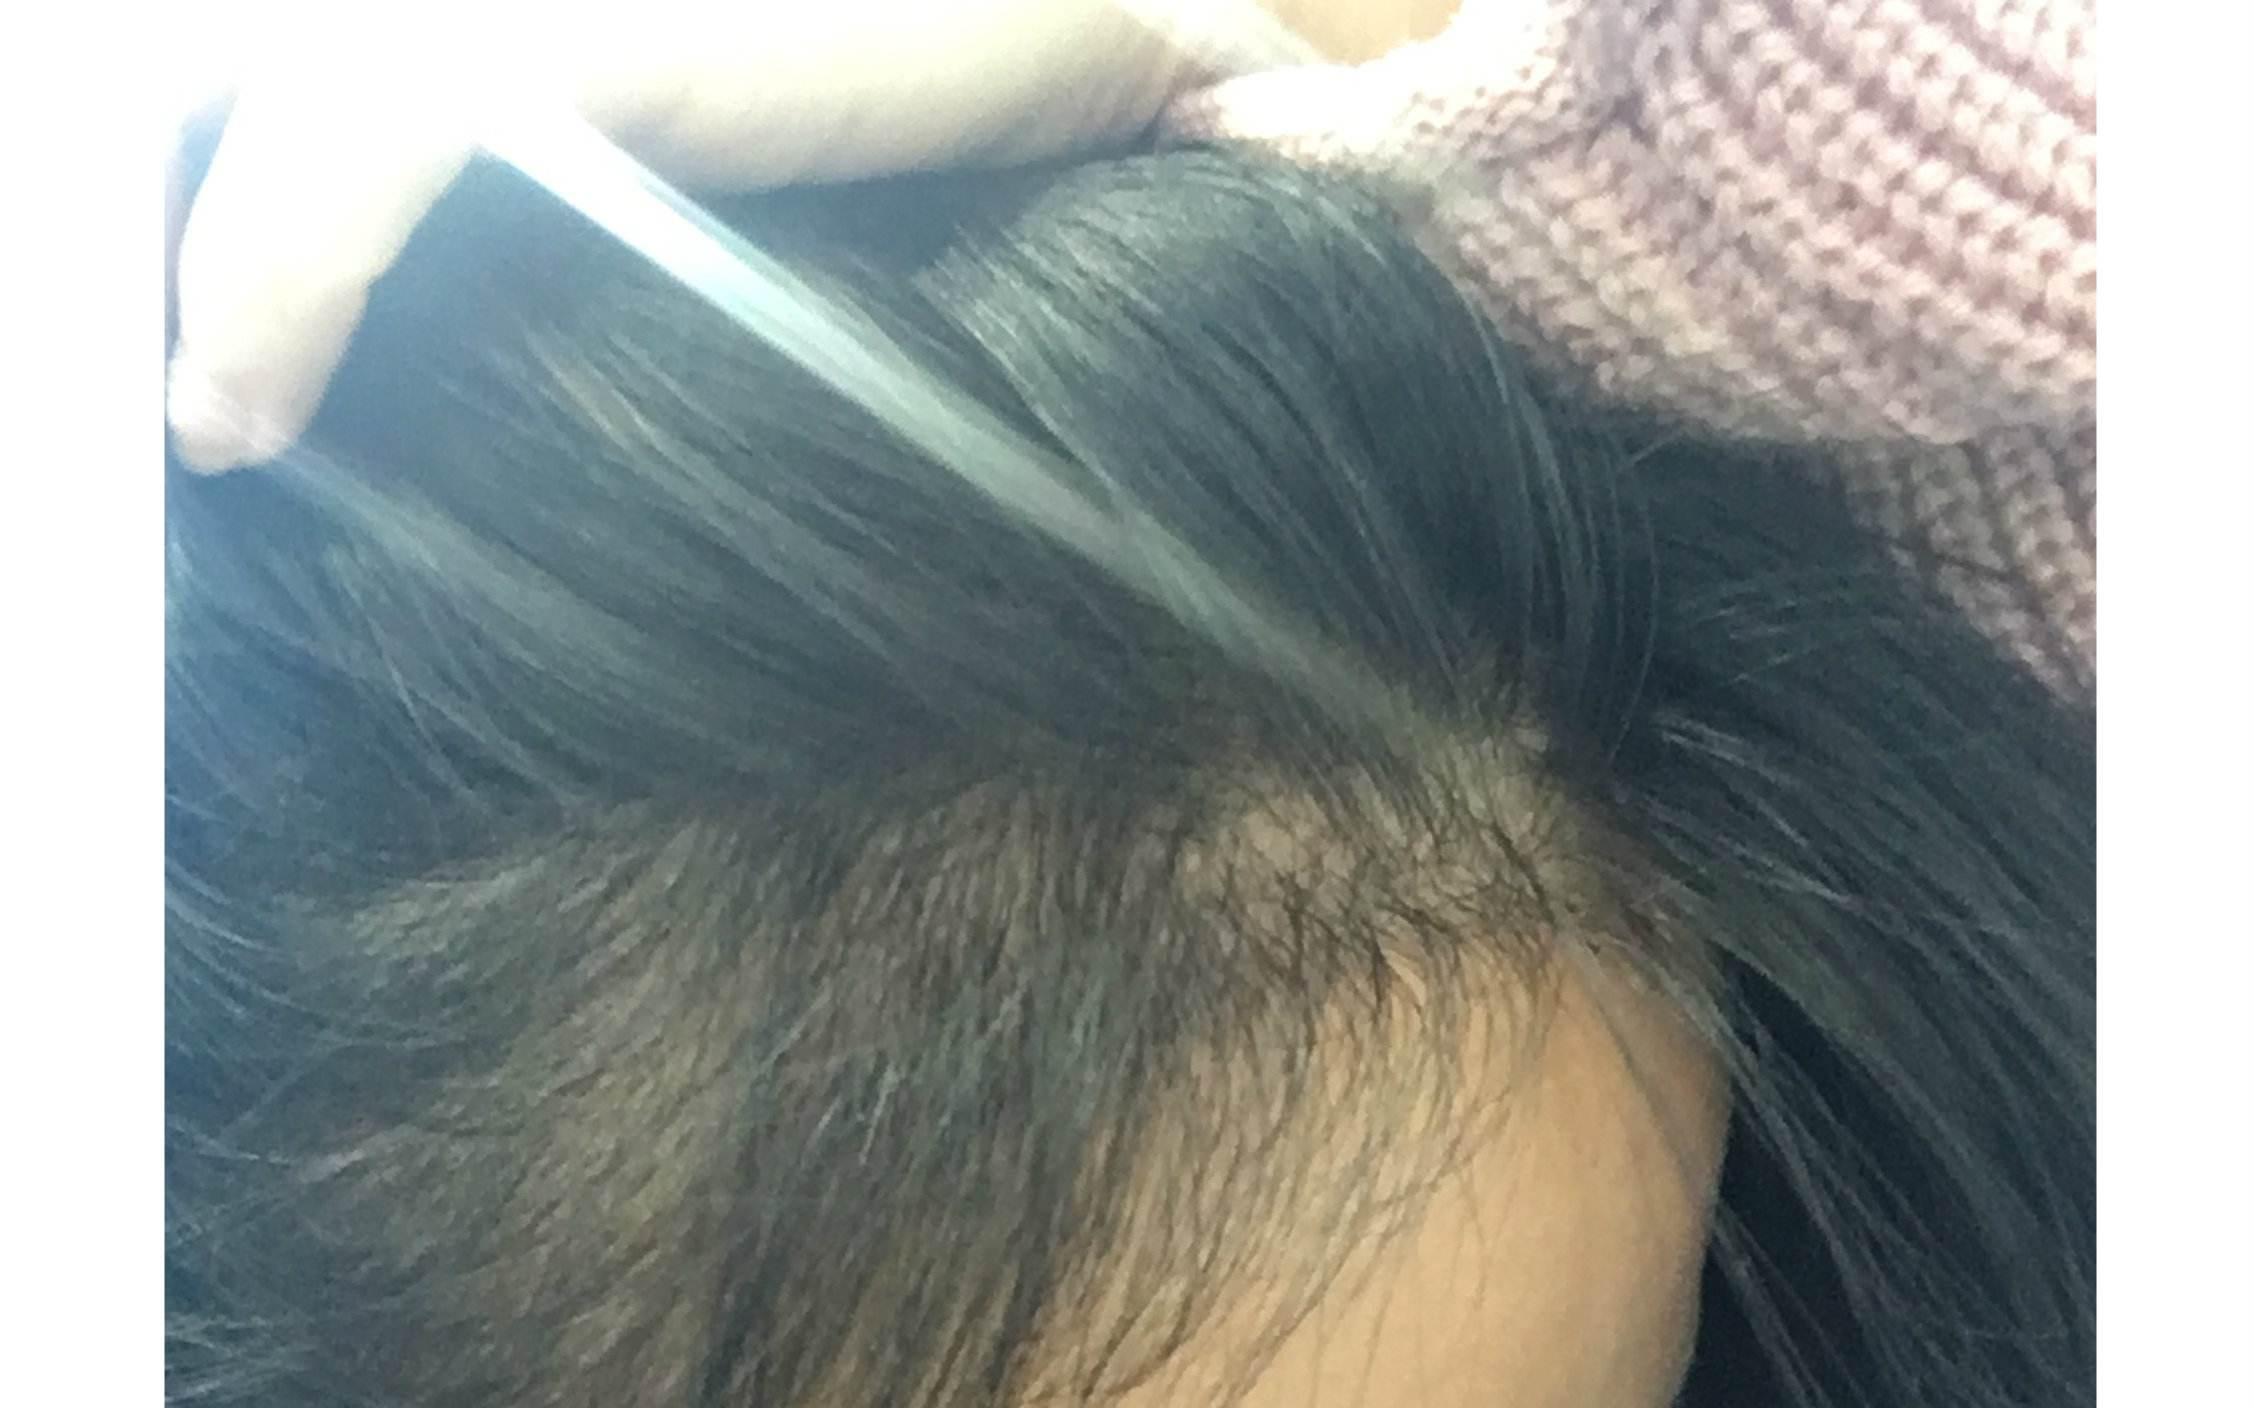 长沙希美发际线种植术后长出新毛发的时间要多久